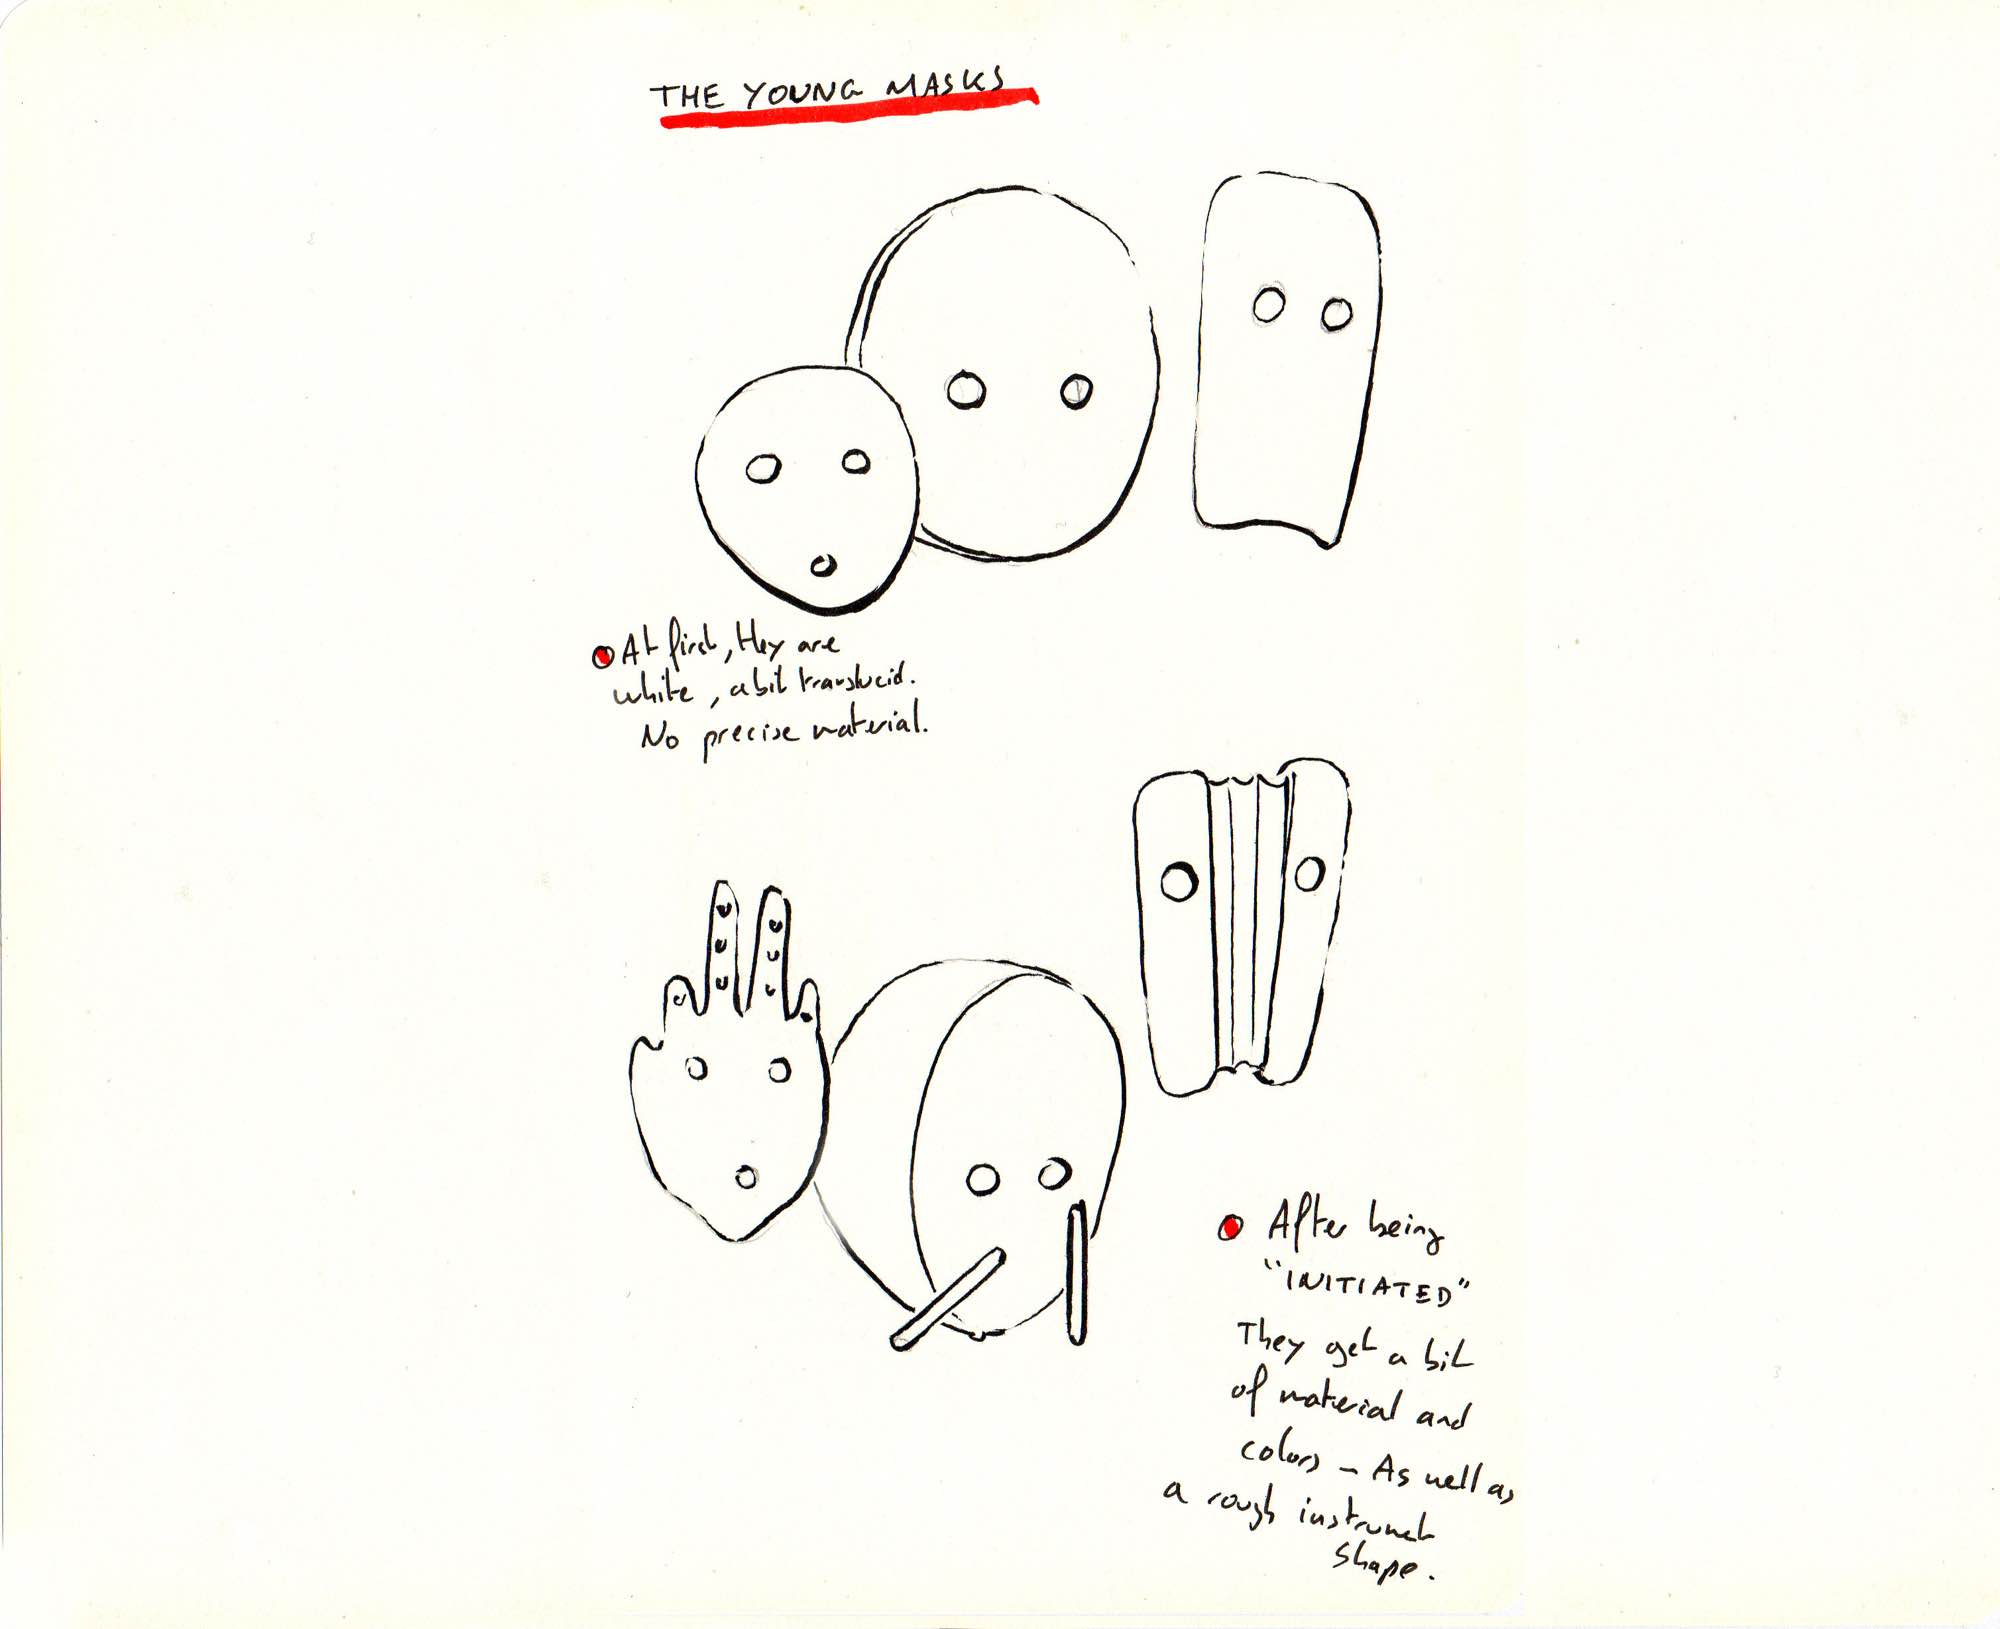 characters-youg masks small.jpg